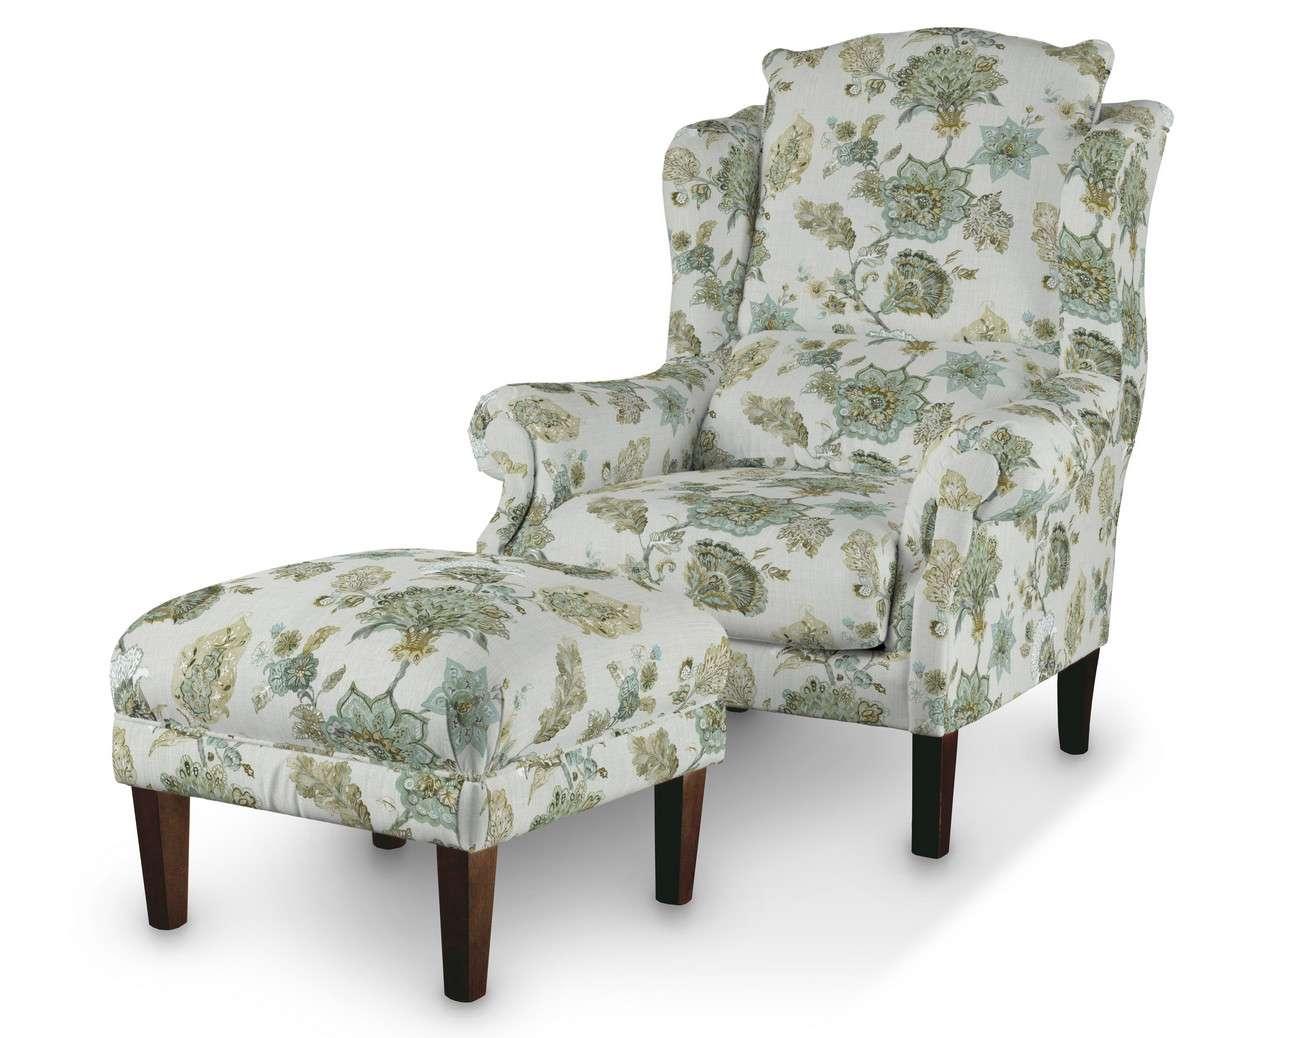 Podnóżek do fotela w kolekcji Flowers, tkanina: 143-67